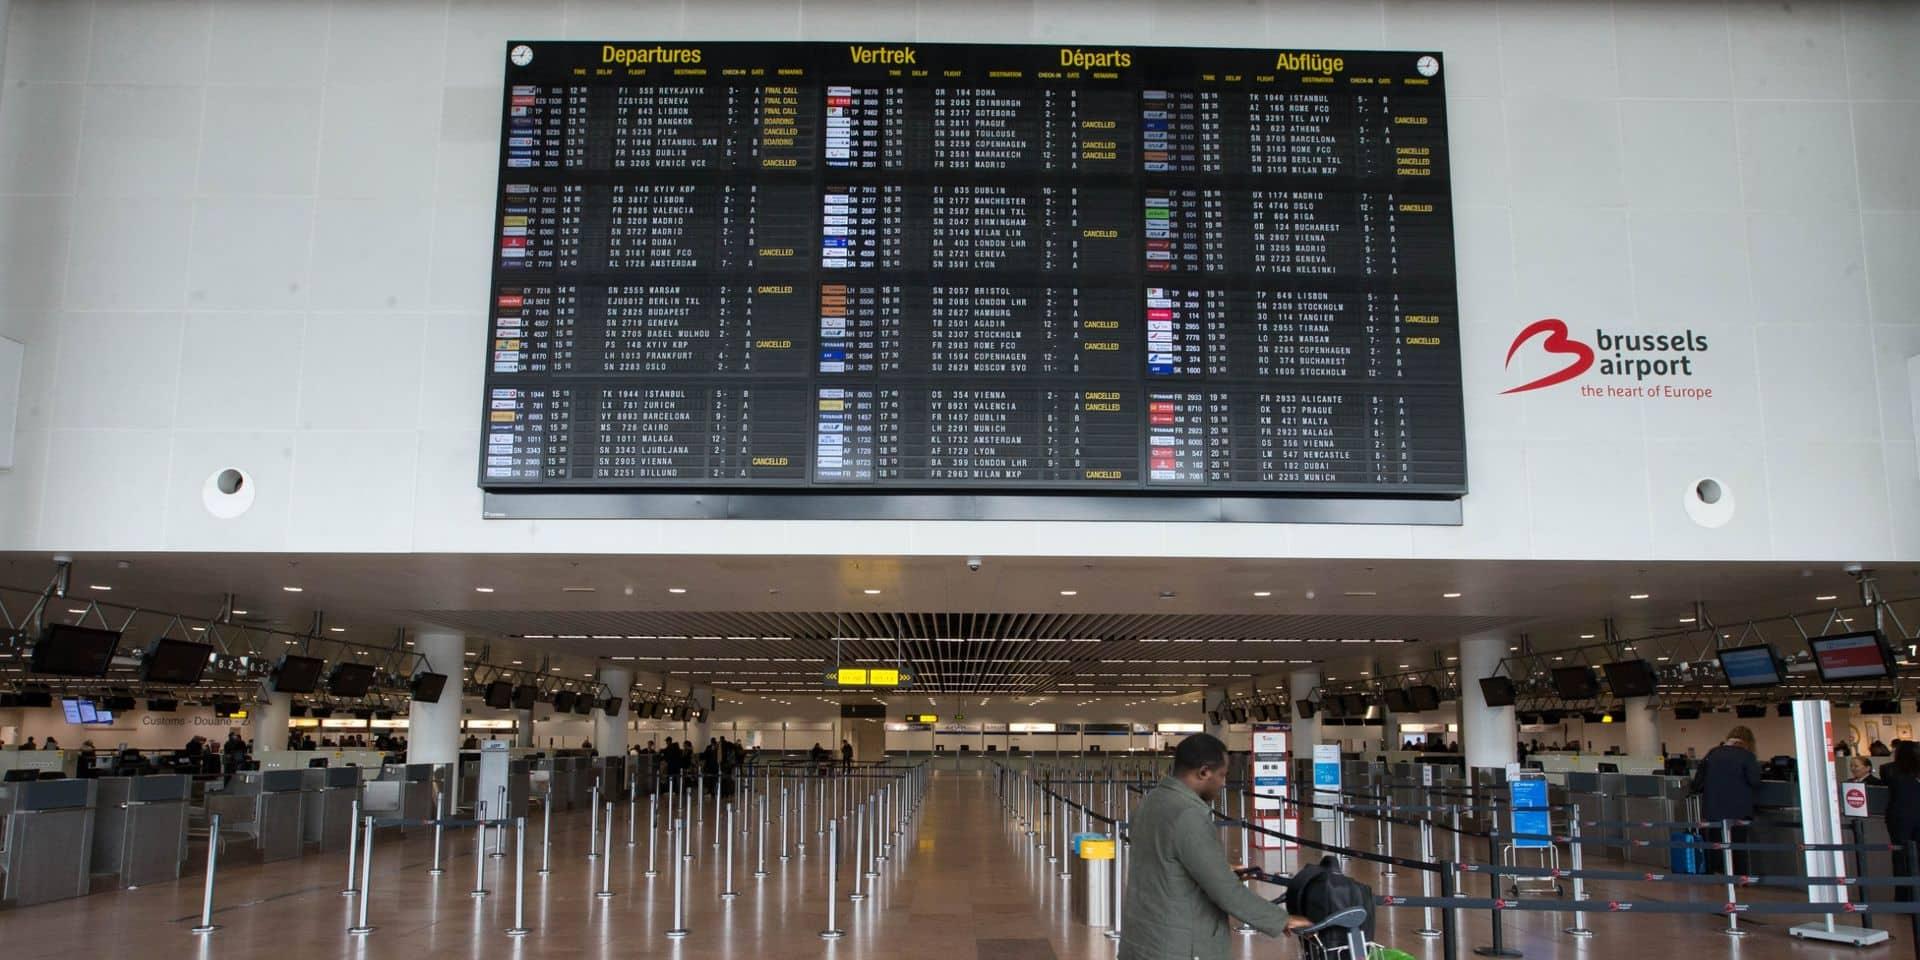 Le centre de tests de Brussels Airport ouvre lundi